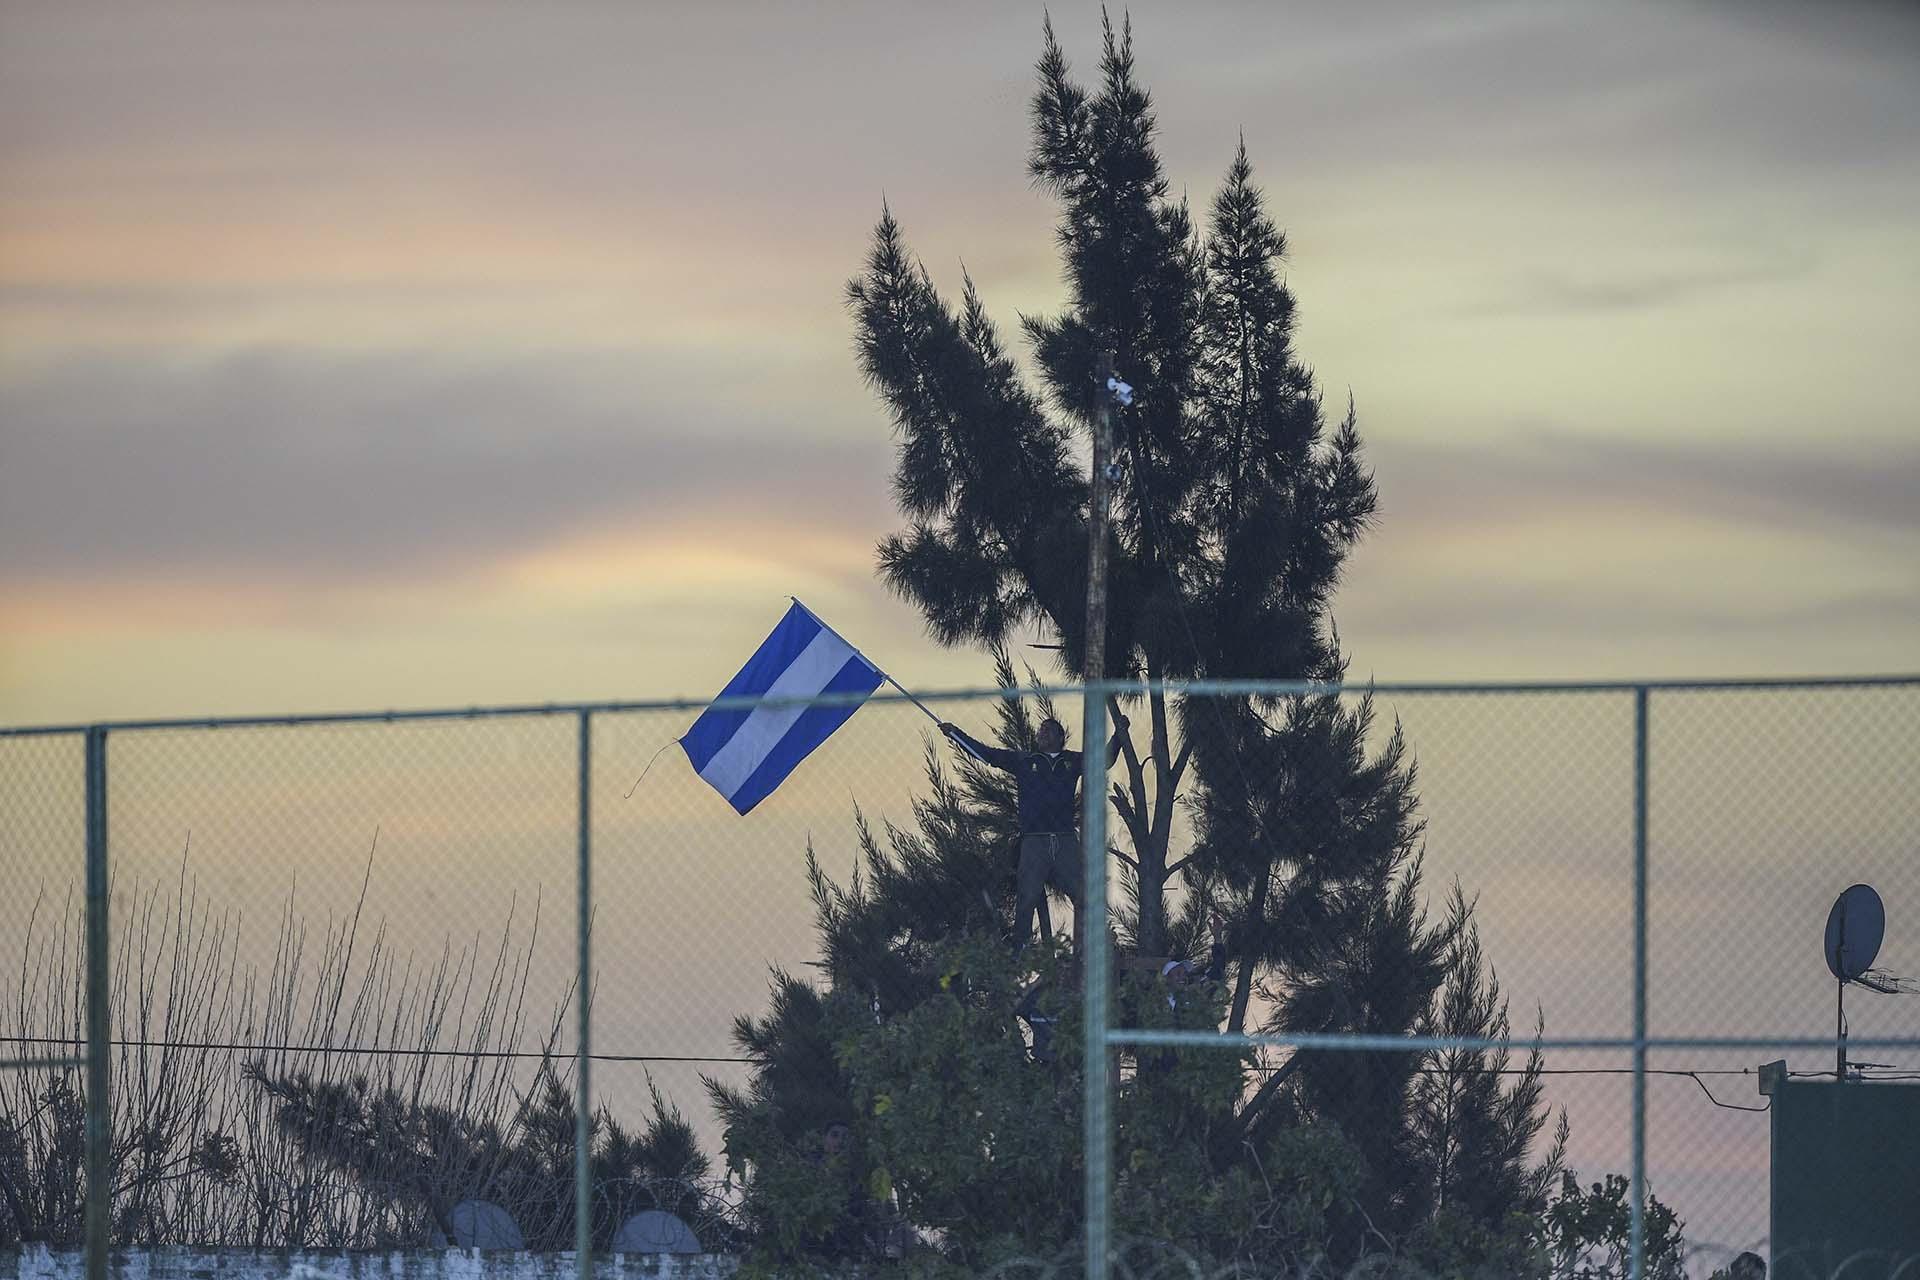 Una bandera se mezcla en el paisaje del estadio de Defensa y Justicia (JUAN MABROMATA / POOL / AFP)